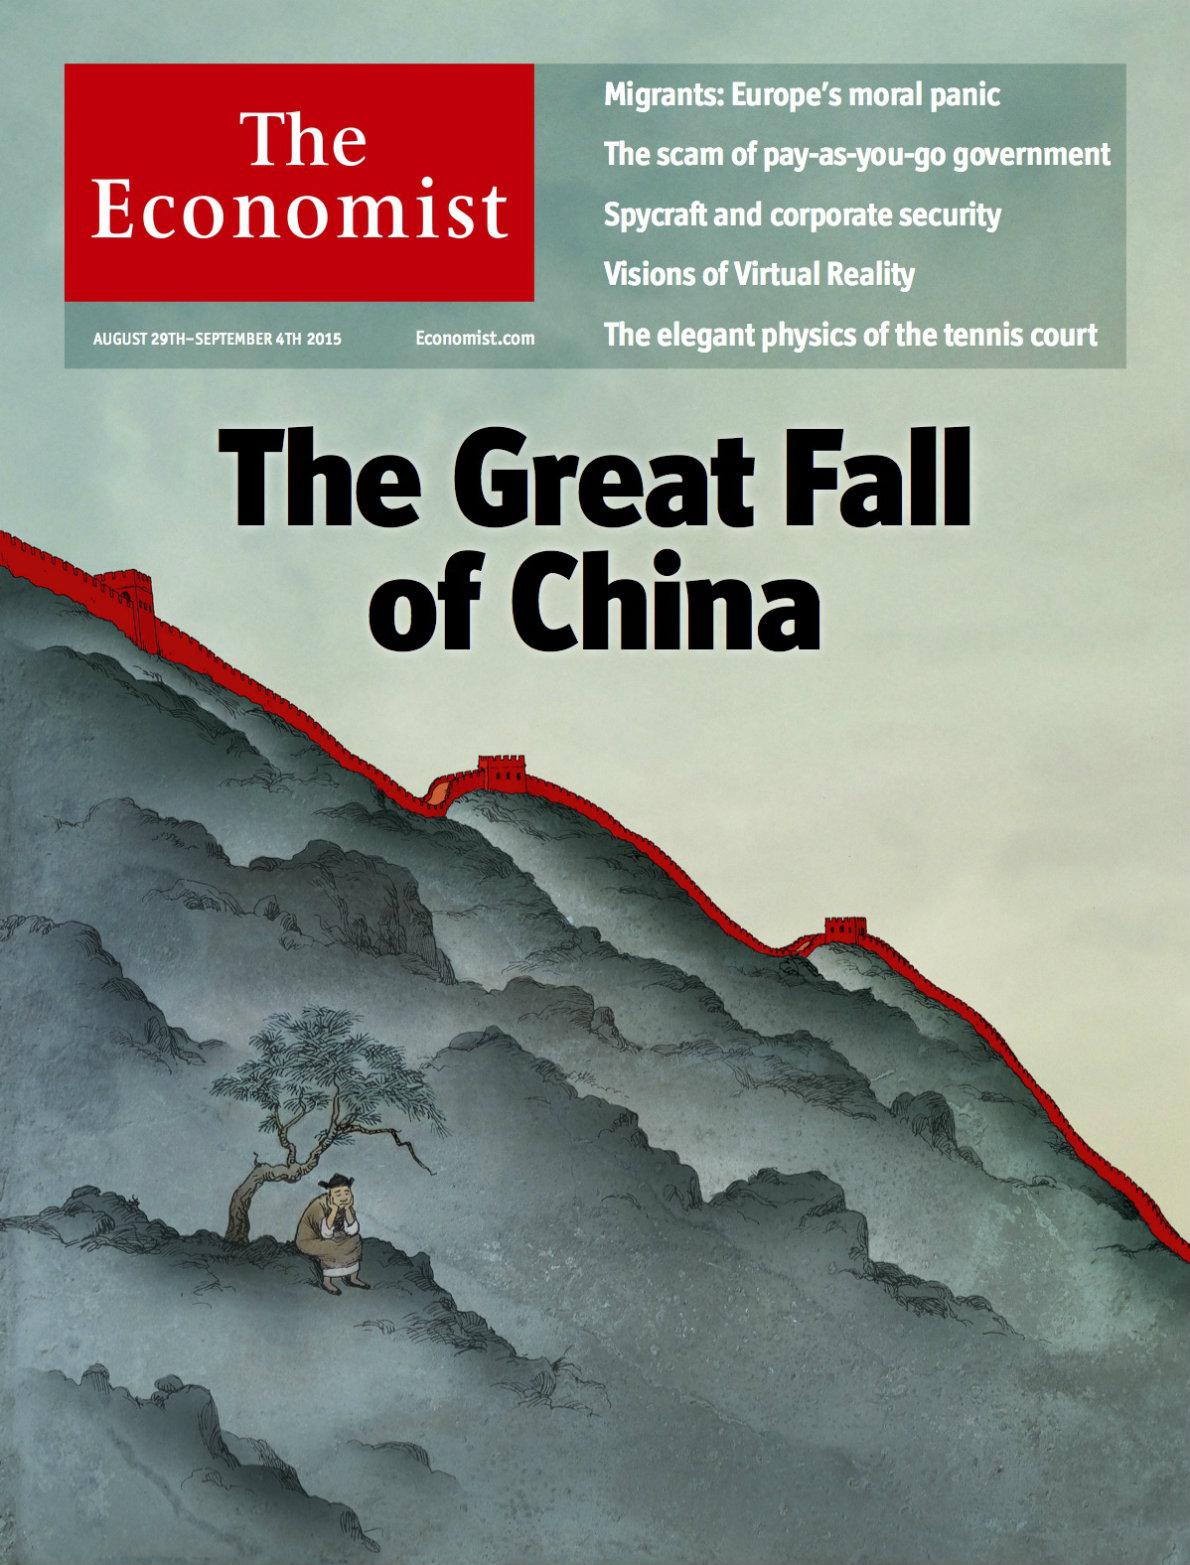 Spot the symbolism | The Economist